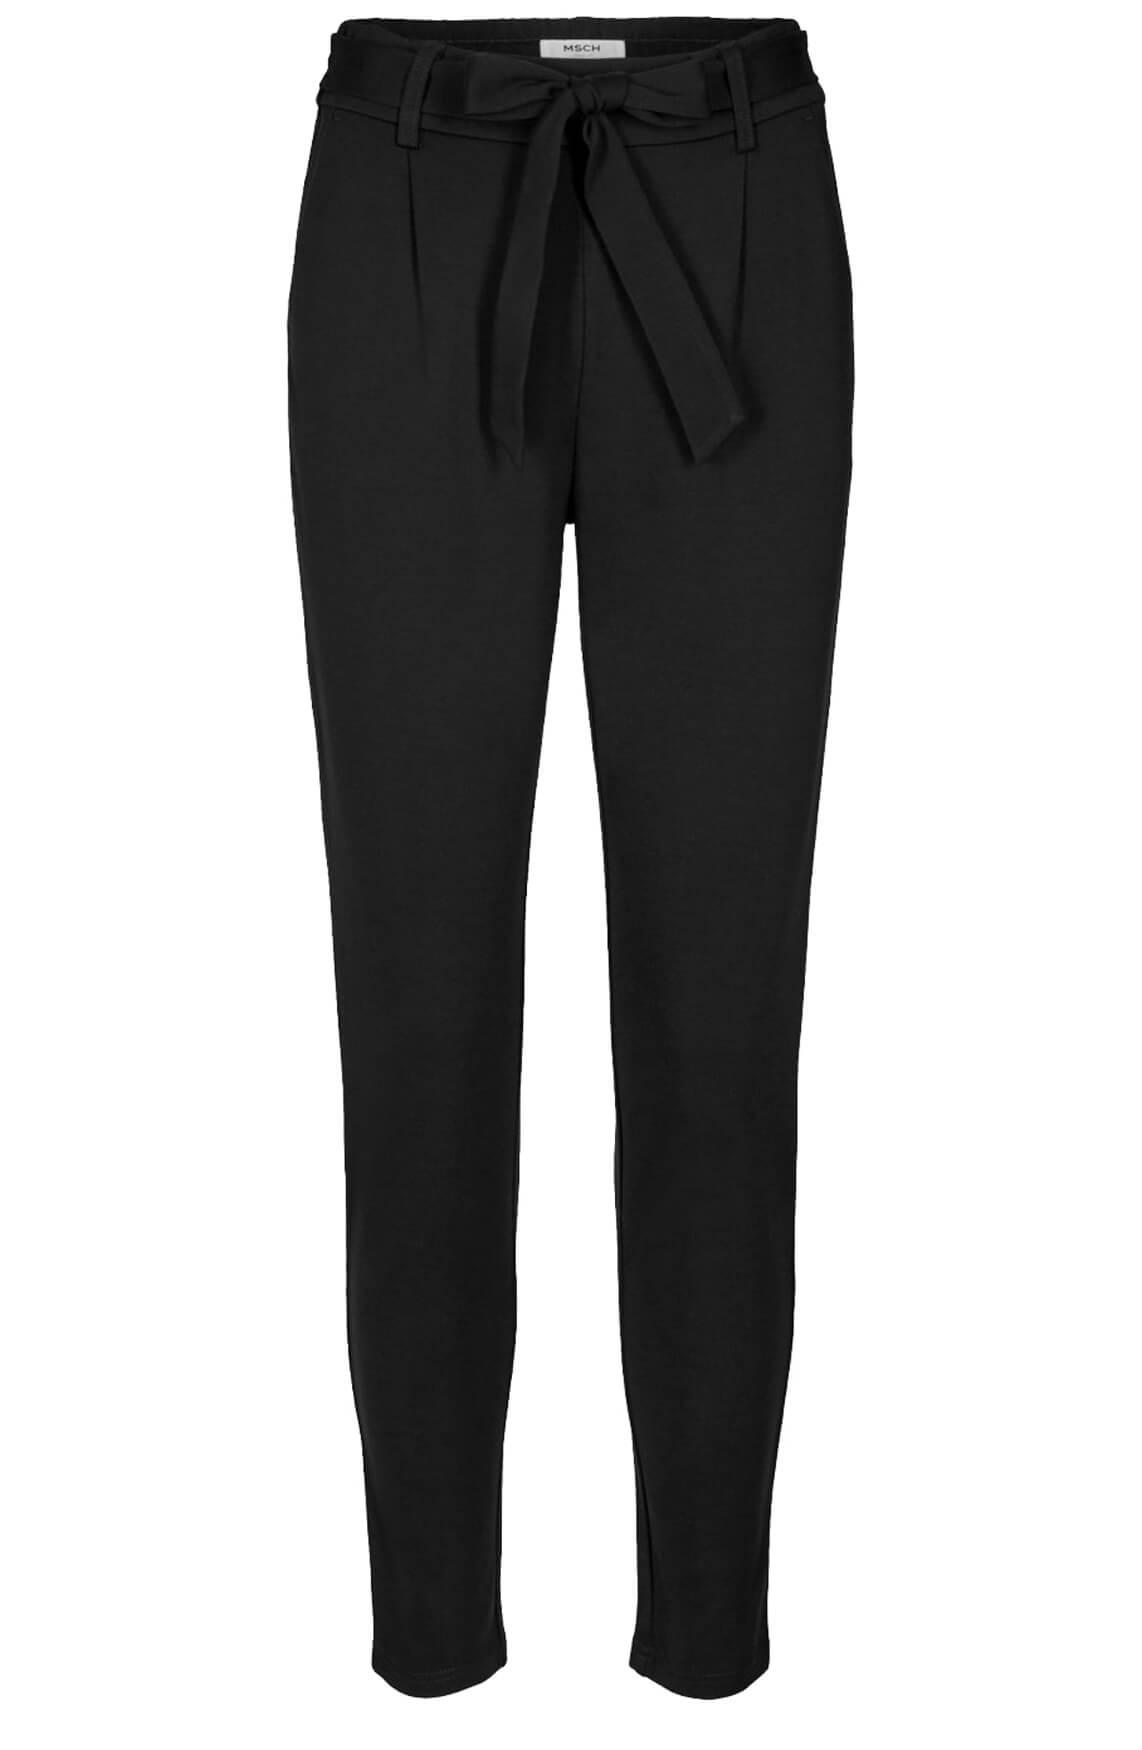 Moss Copenhagen Dames Popye jersey broek zwart